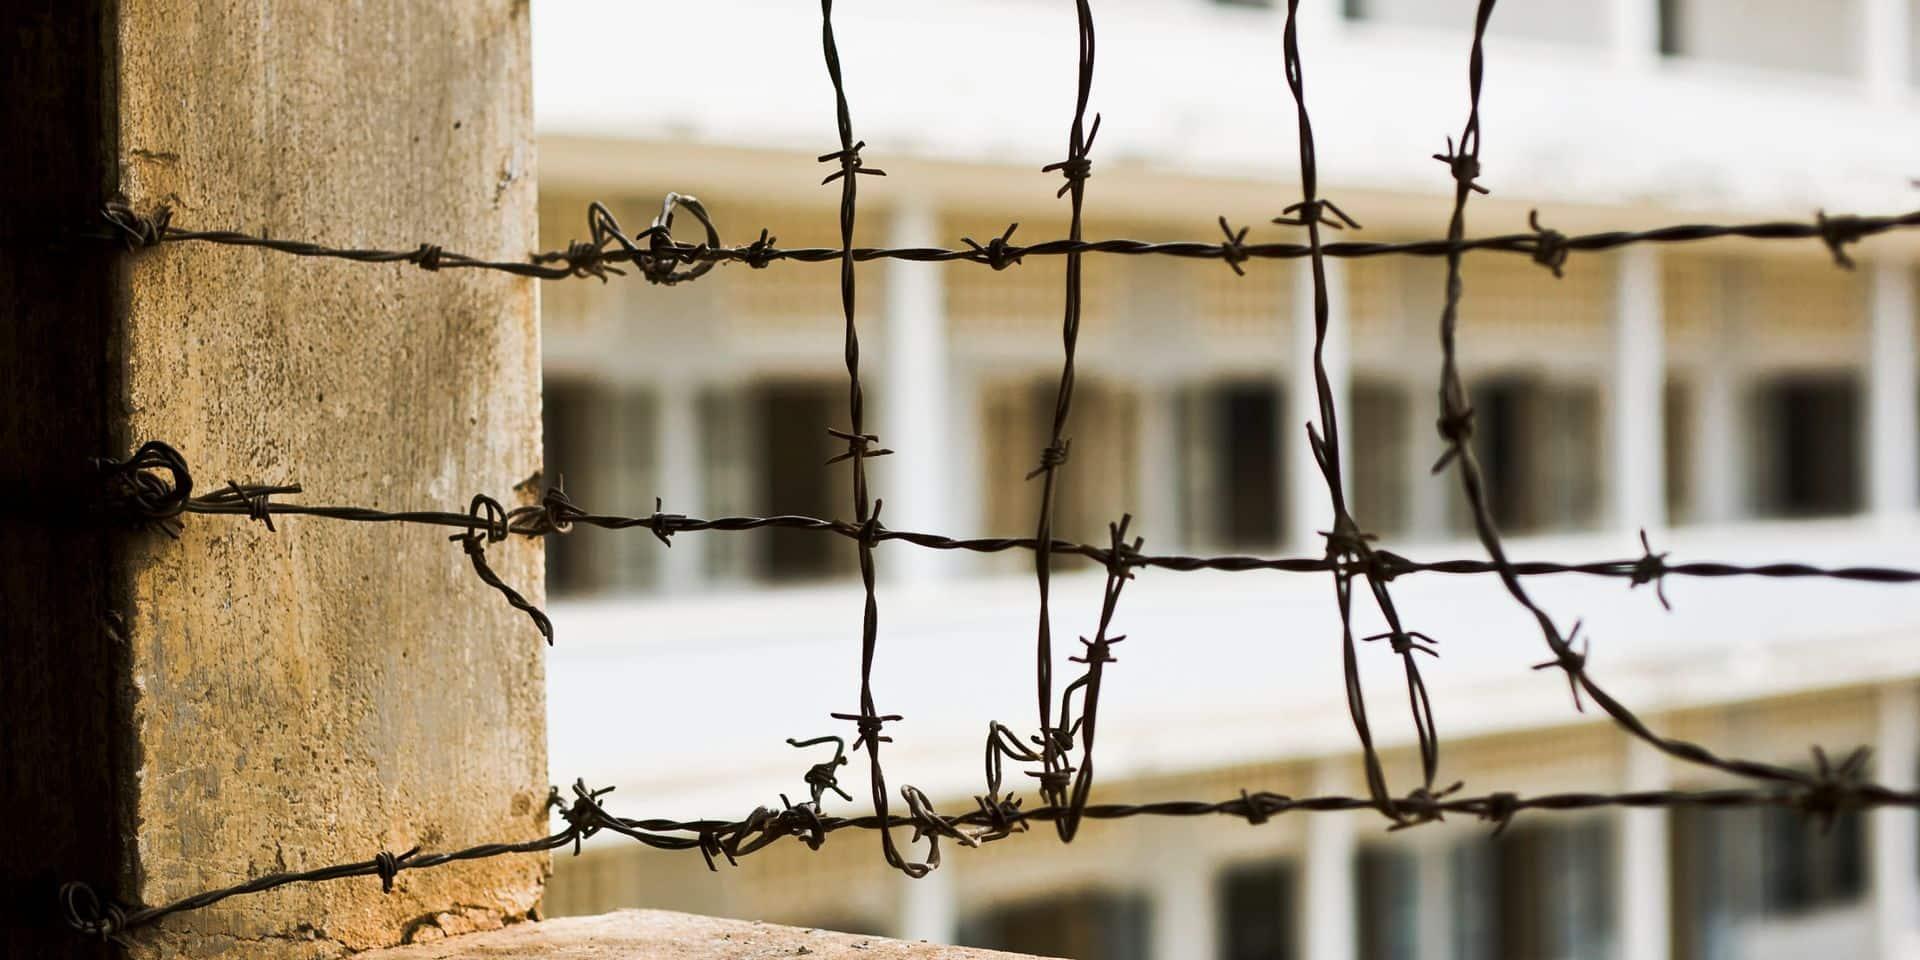 Croquis de justice : le prévenu qui voulait aller en prison